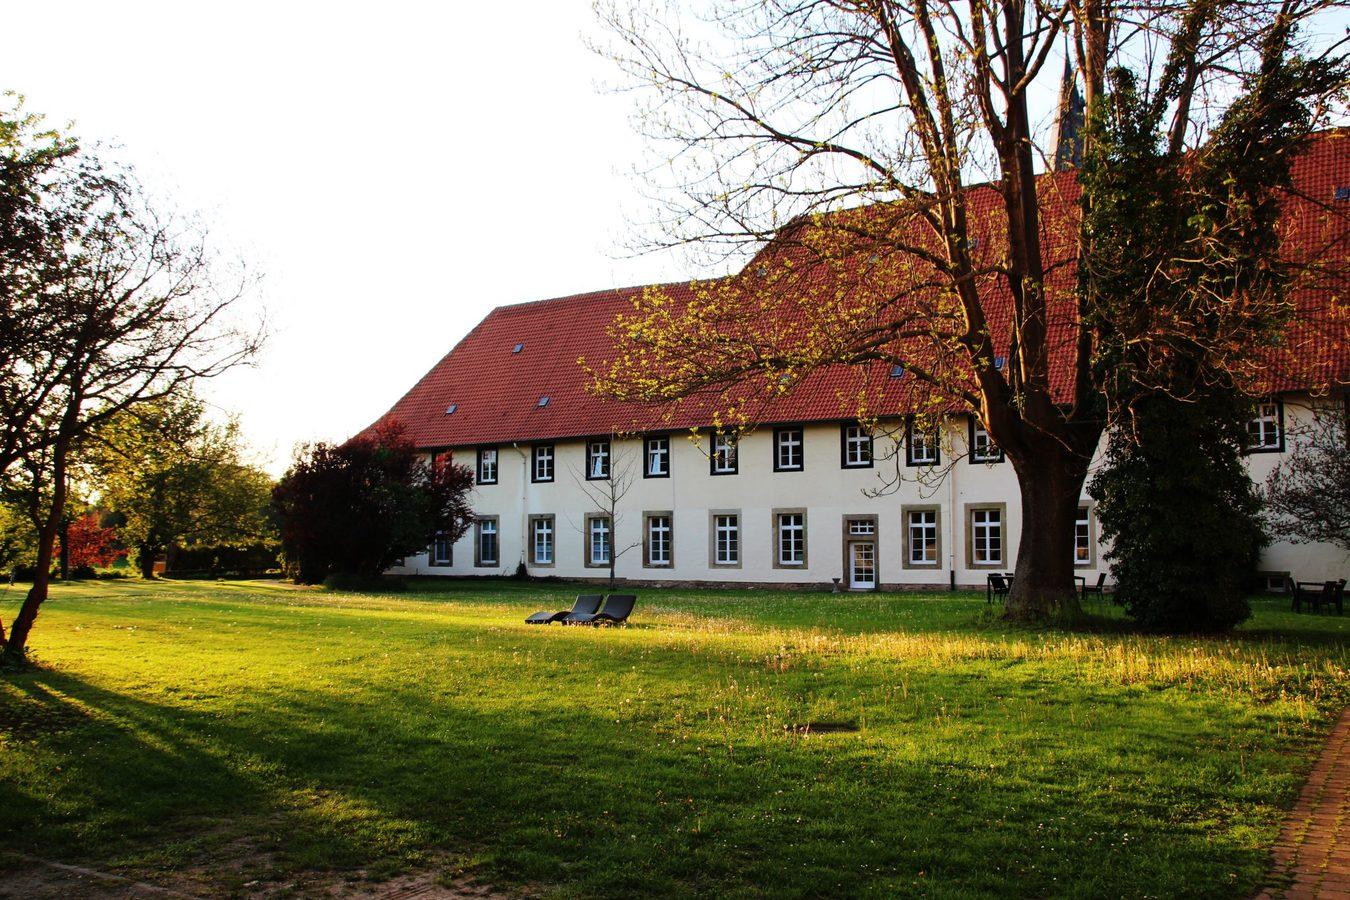 Hotel Kloster Wöltingerode im Harz, Harzer Klosterwanderweg